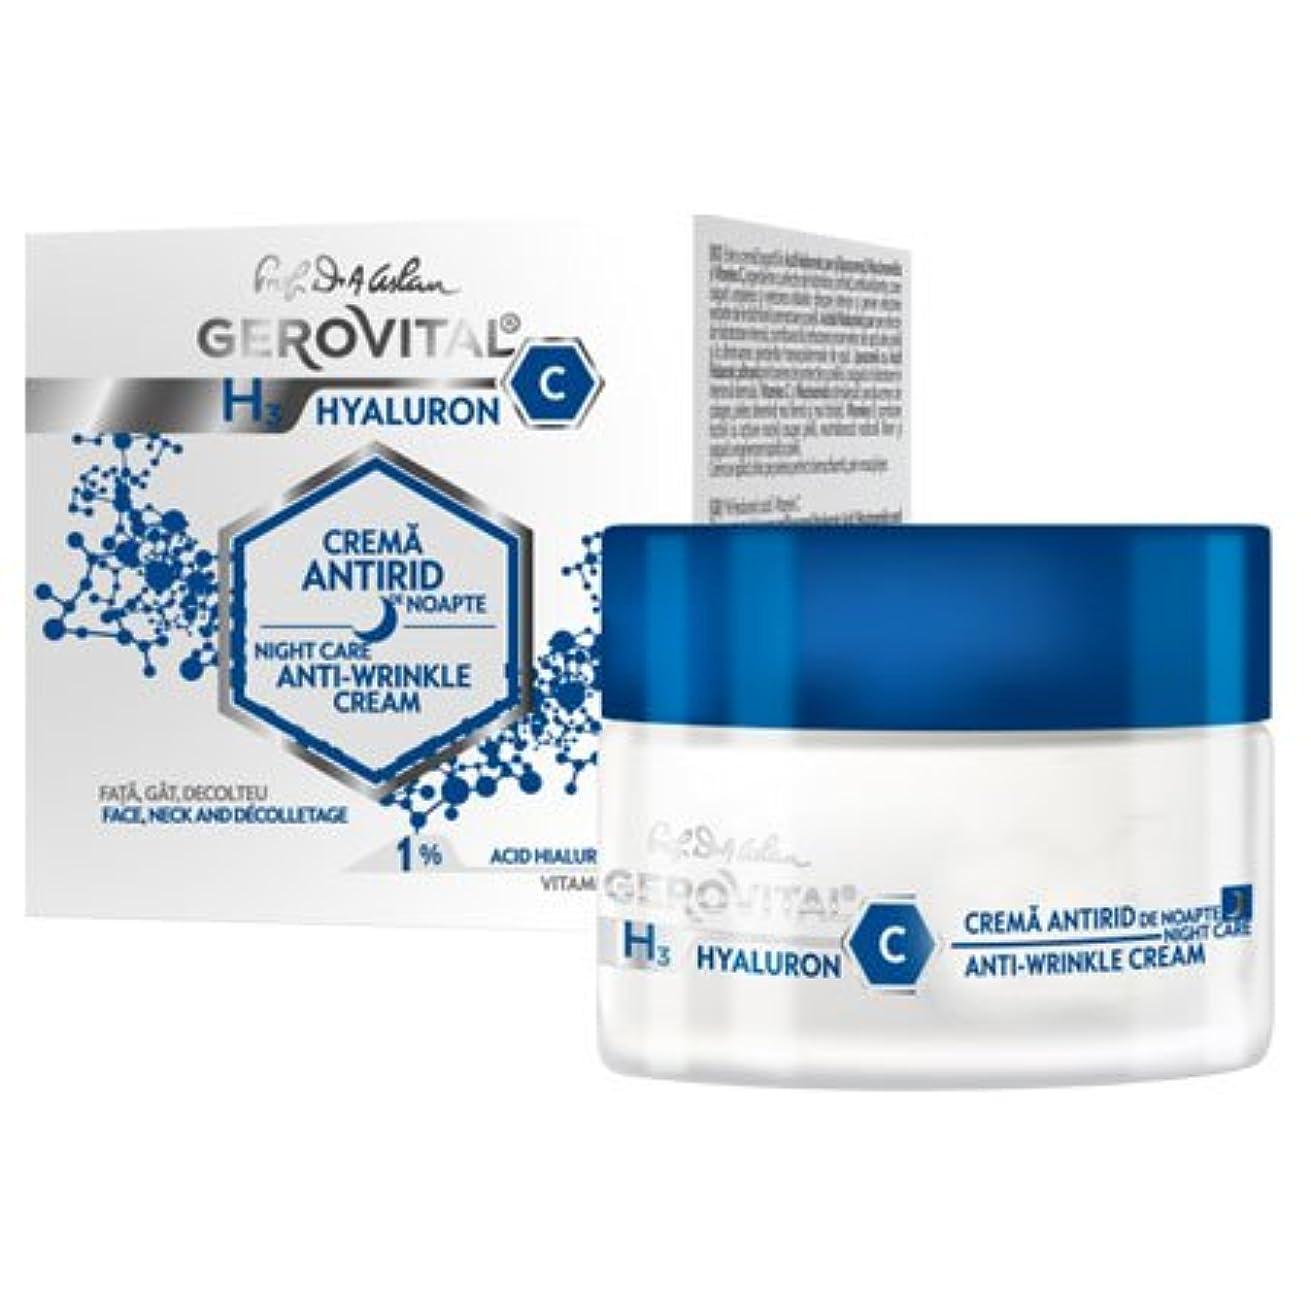 ジェロビタール H3 ヒアルロンC ナイトケア アンチリンクルクリーム (1%) 50 ml / 1.69 fl.oz. [海外直送] [並行輸入品]